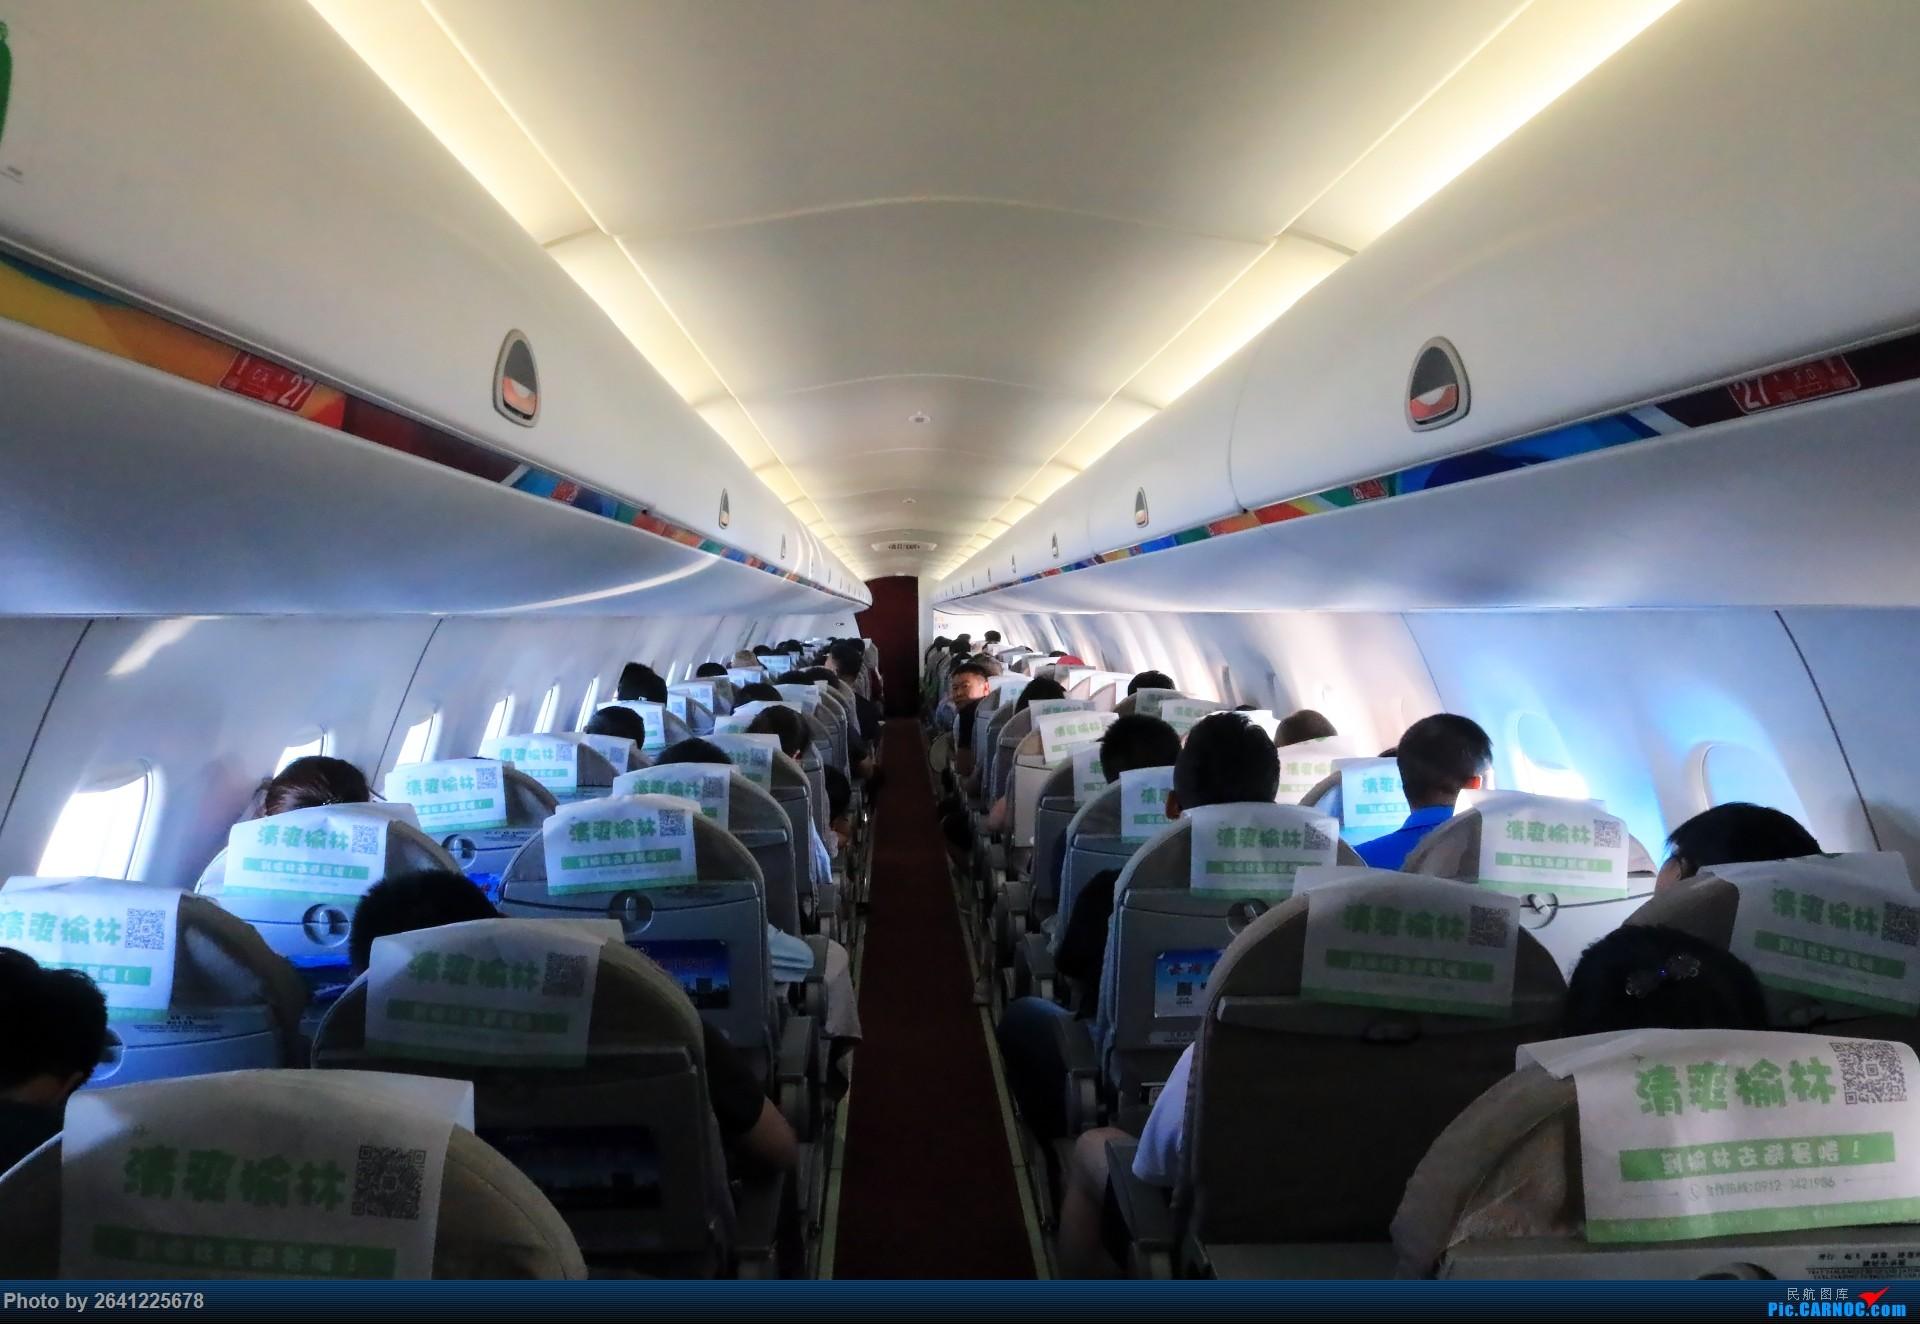 Re:[原创]【小周游记第3集】草原茫茫天地间,洁白的蒙古包散落在河边——内蒙古5天4飞半自由行(宽体与支线客机初体验)有flight log和驾驶舱哦 EMBRAER E-190 B-3213 中国呼和浩特白塔国际机场